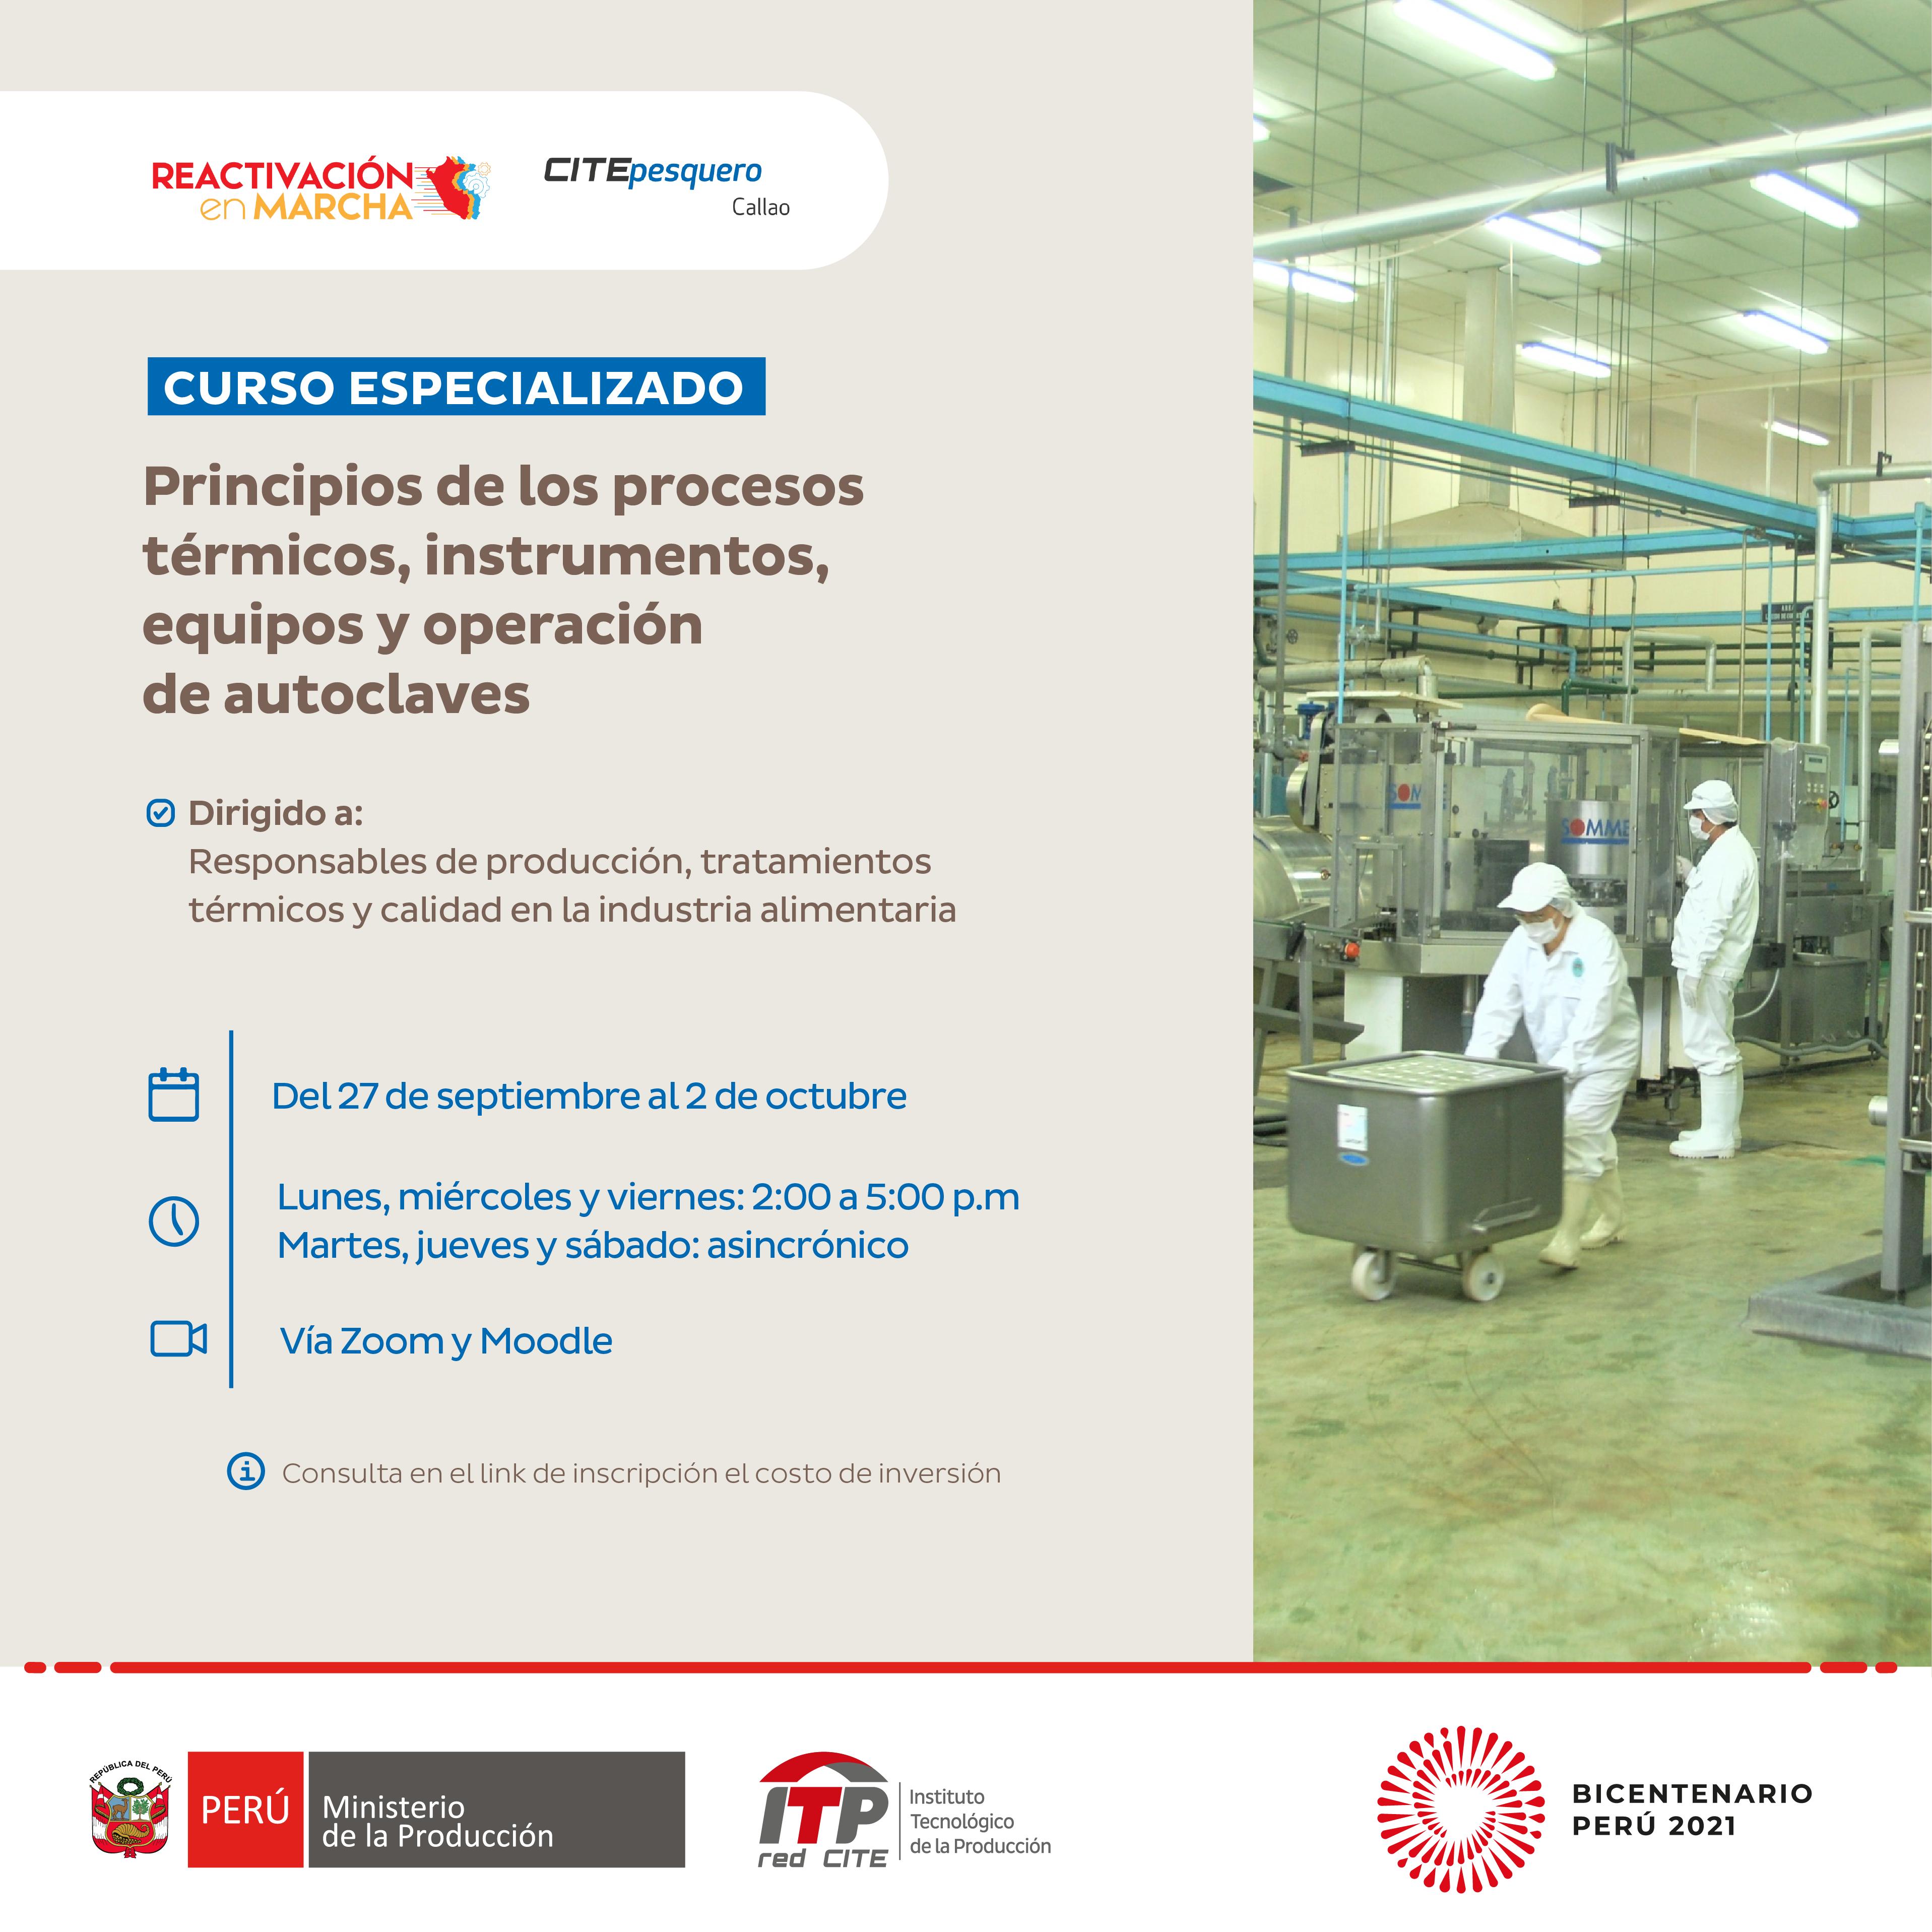 Principios de los procesos térmicos, instrumentos, equipos y operación de autoclaves